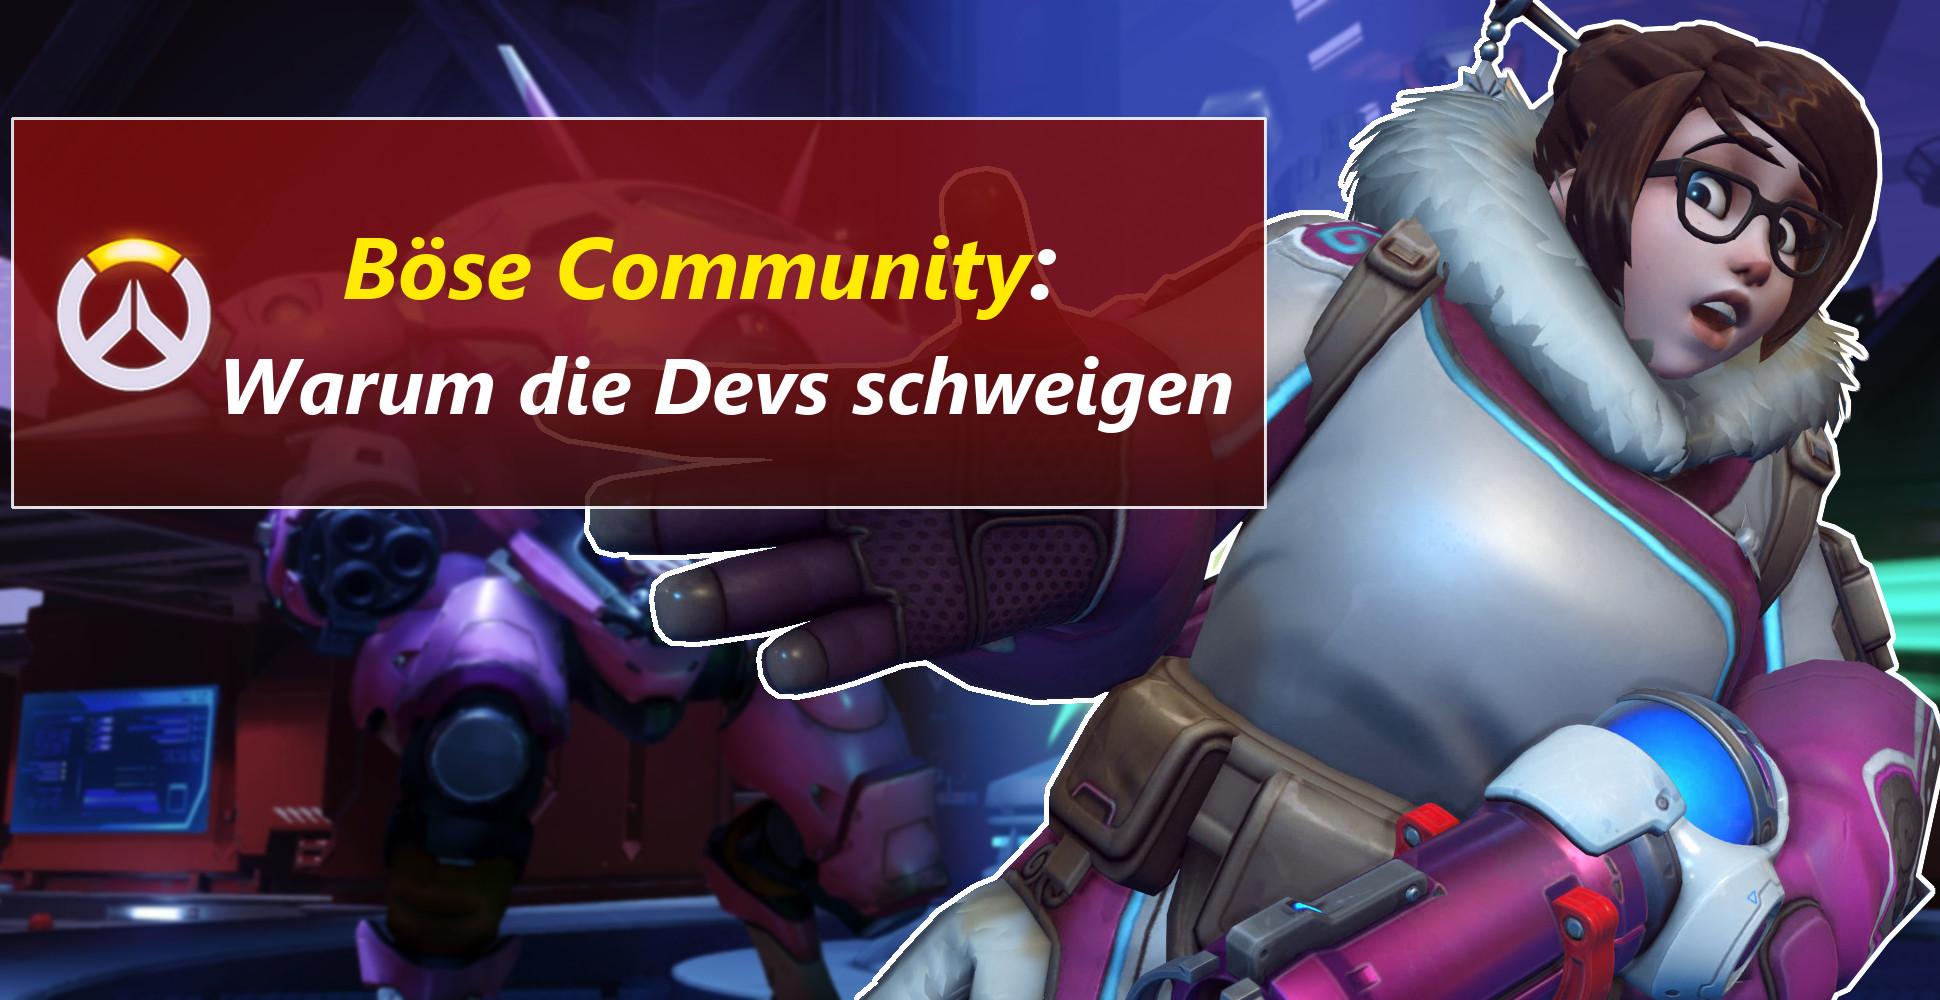 """""""Die Community ist furchteinflößend"""", meint der Overwatch-Chef"""